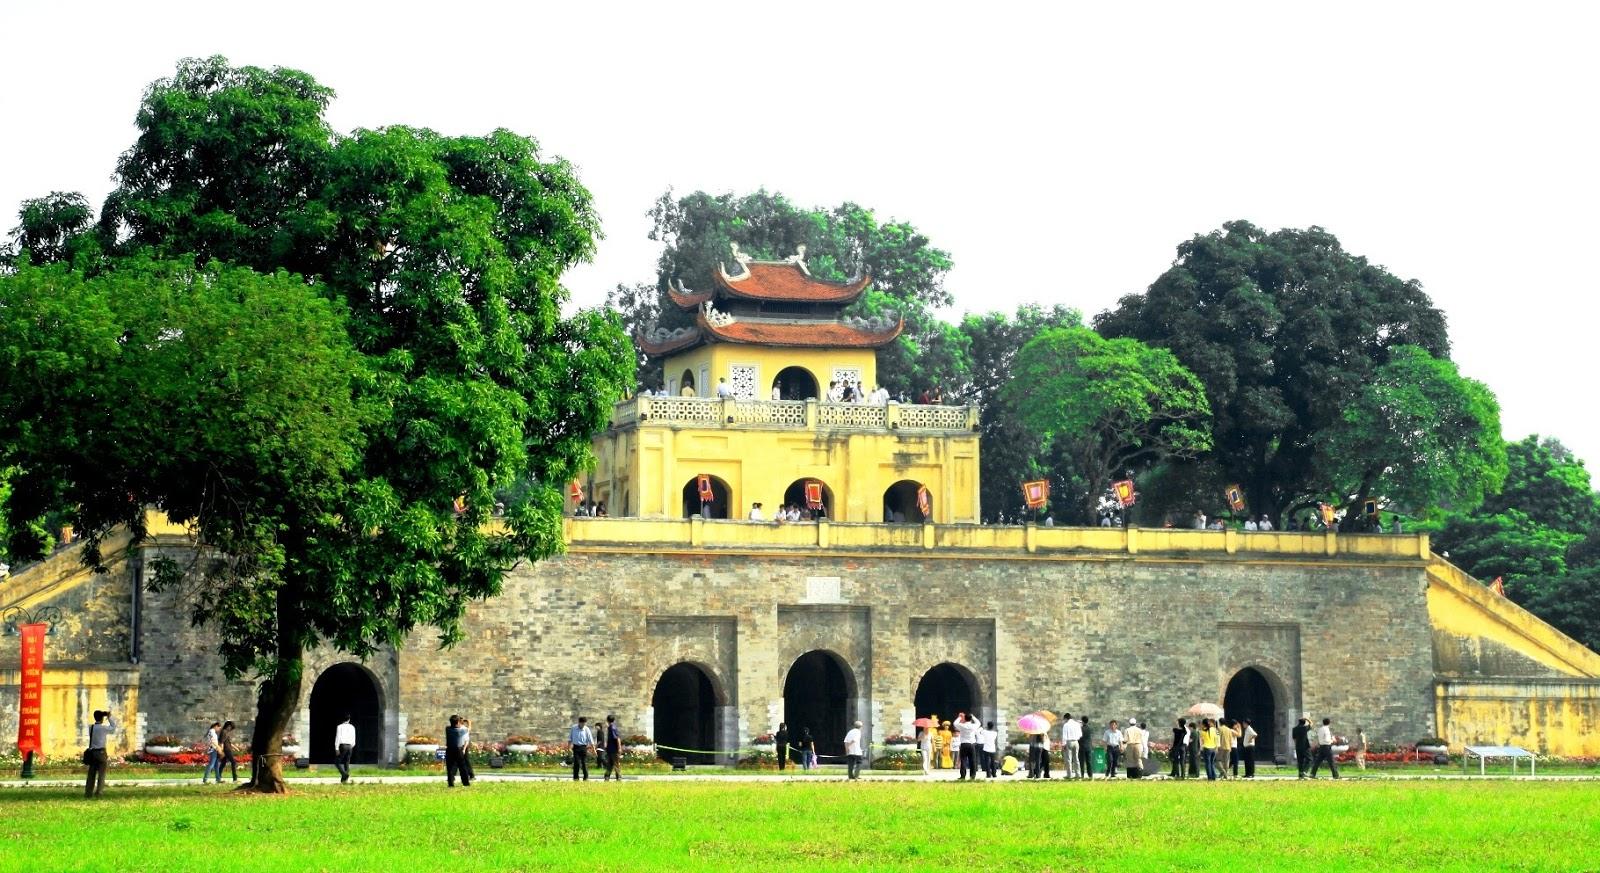 Chia sẻ kinh nghiệm du lịch Hà Nội tại Hoàng Thành Thăng Long